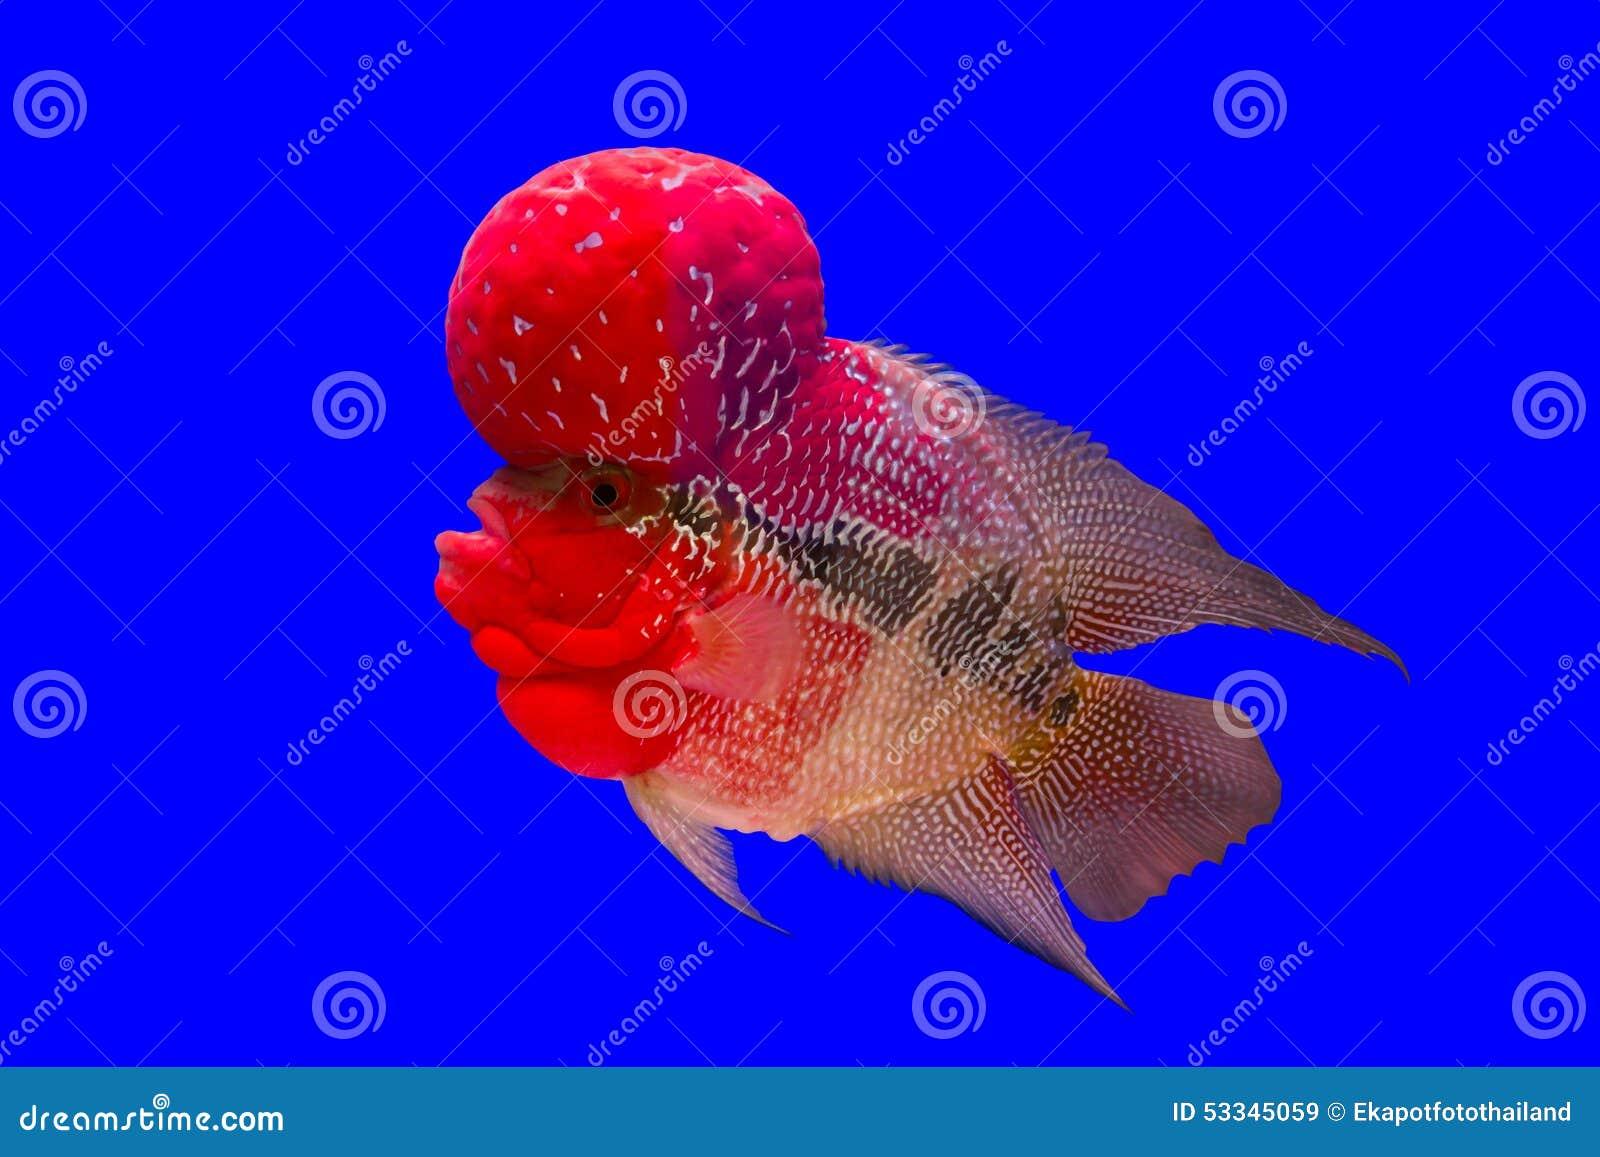 Blumenhornfische